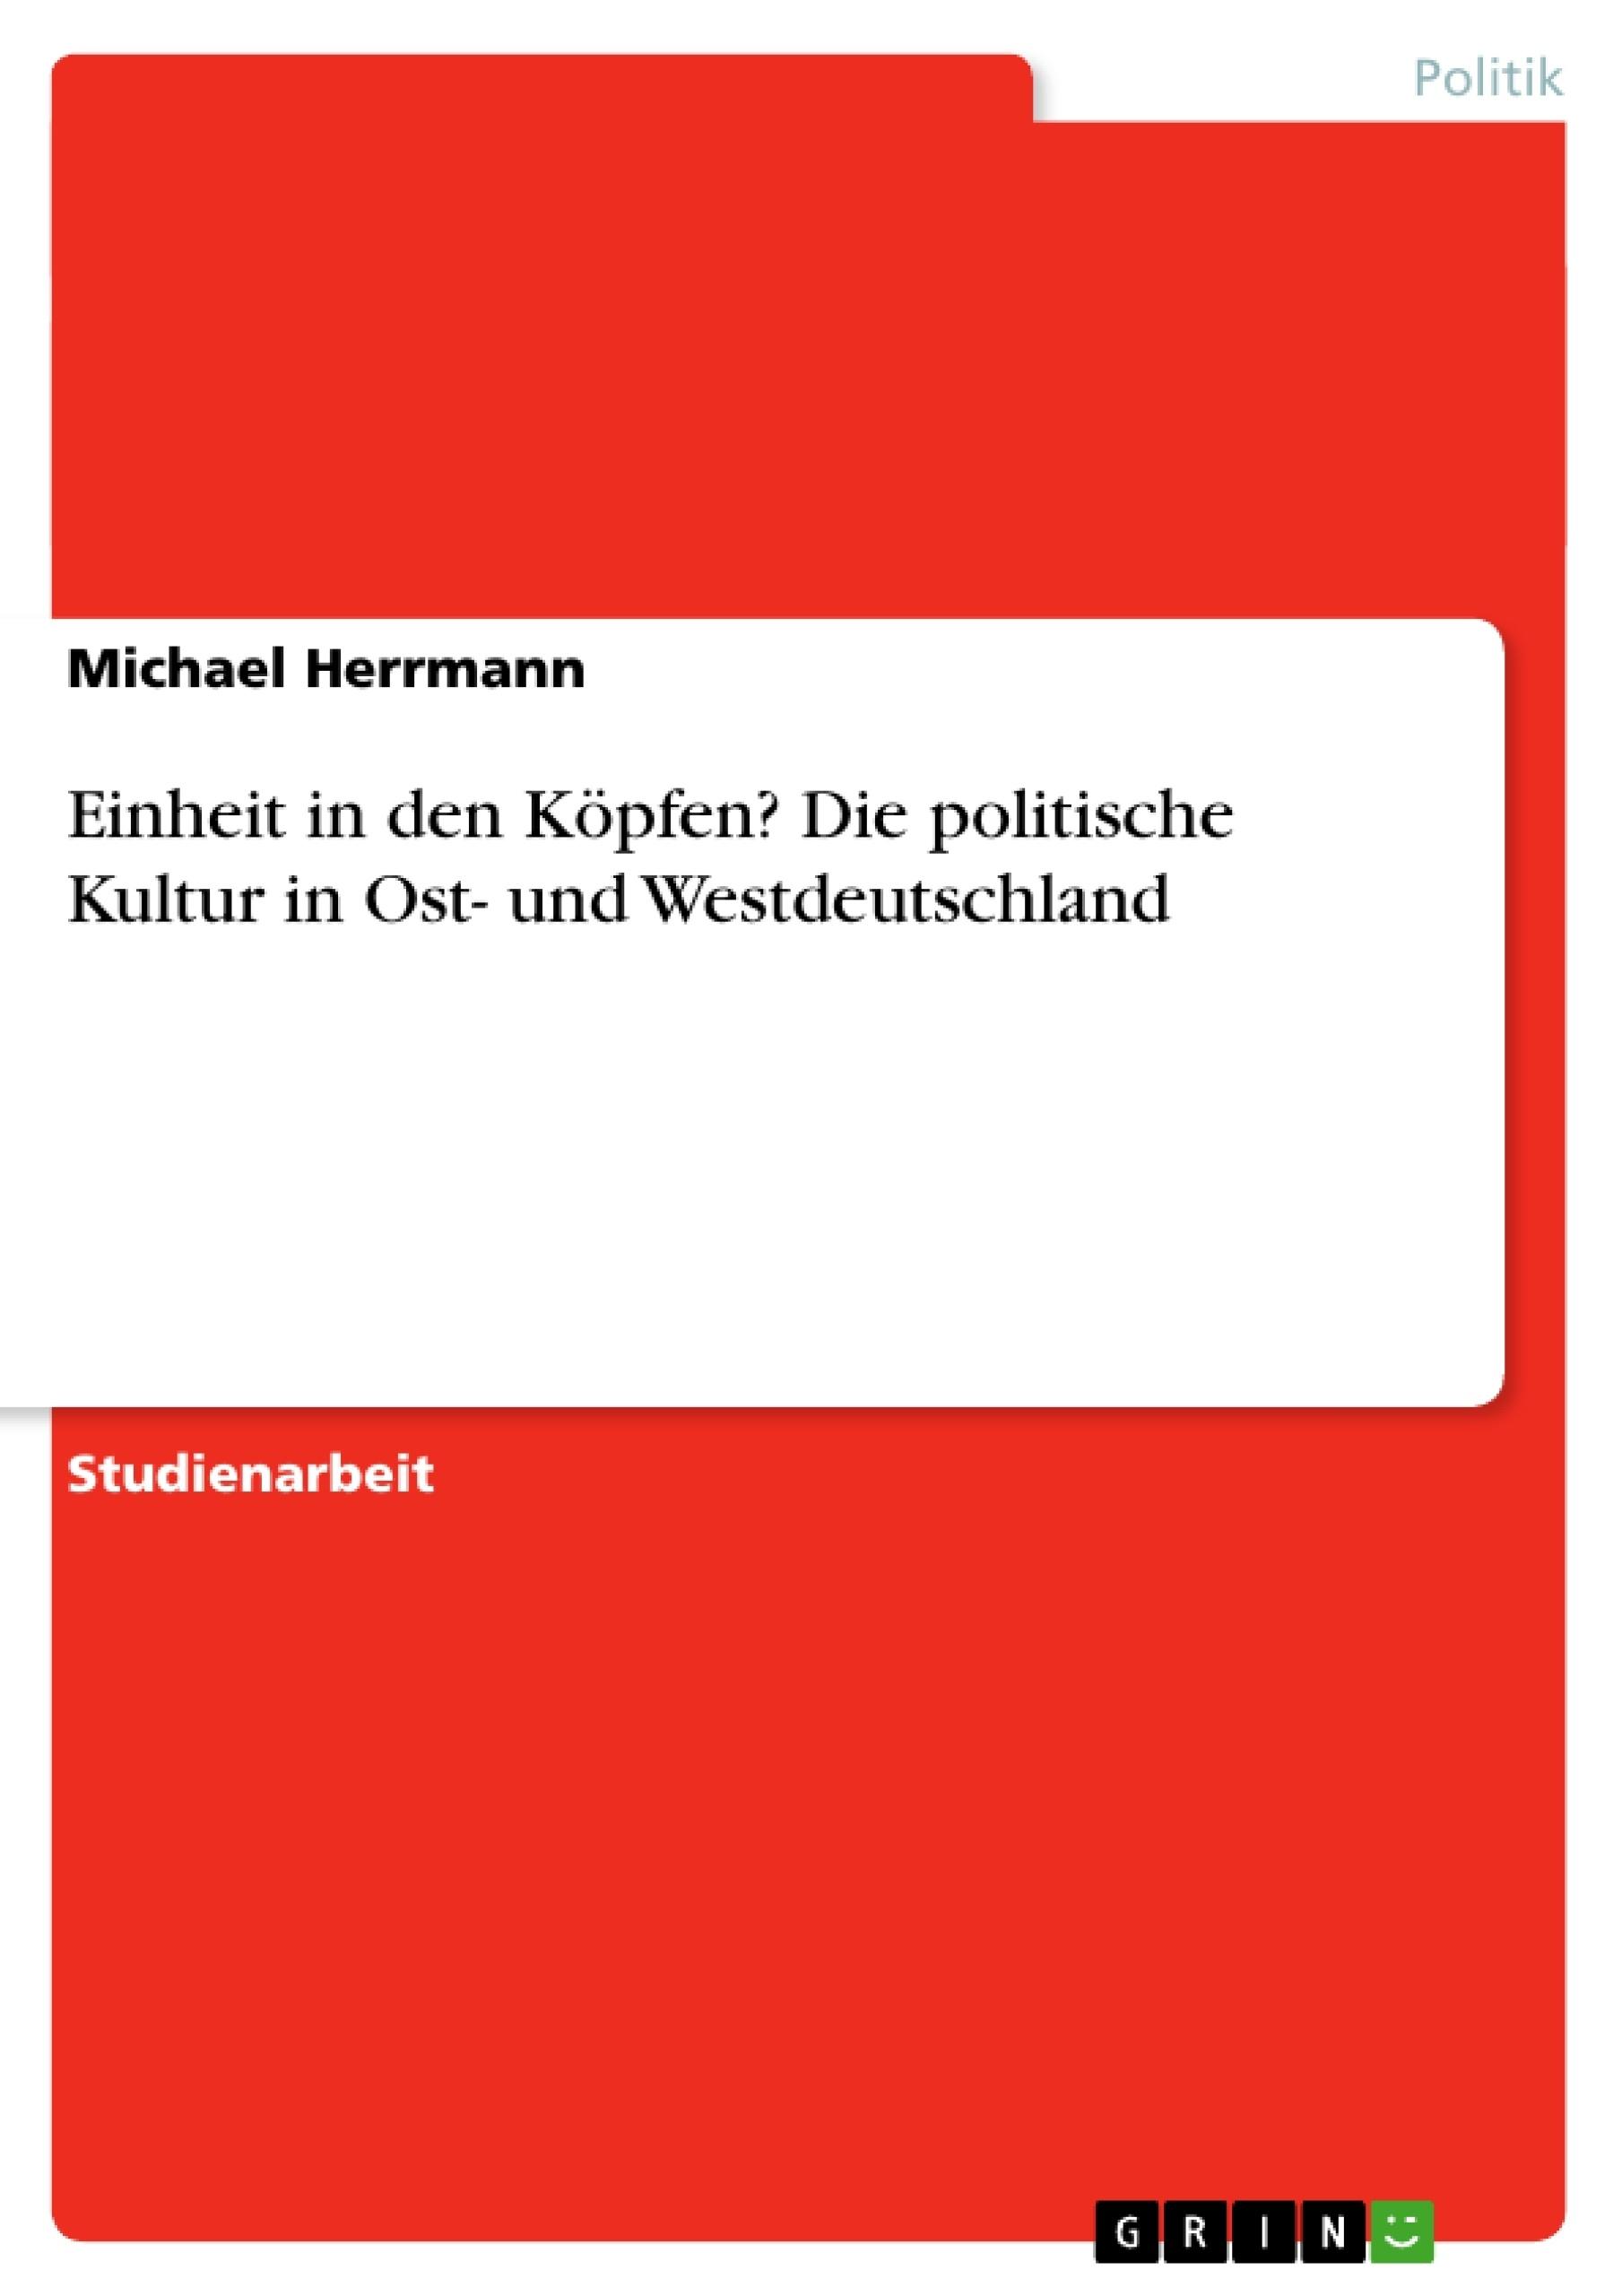 Titel: Einheit in den Köpfen? Die politische Kultur in Ost- und Westdeutschland